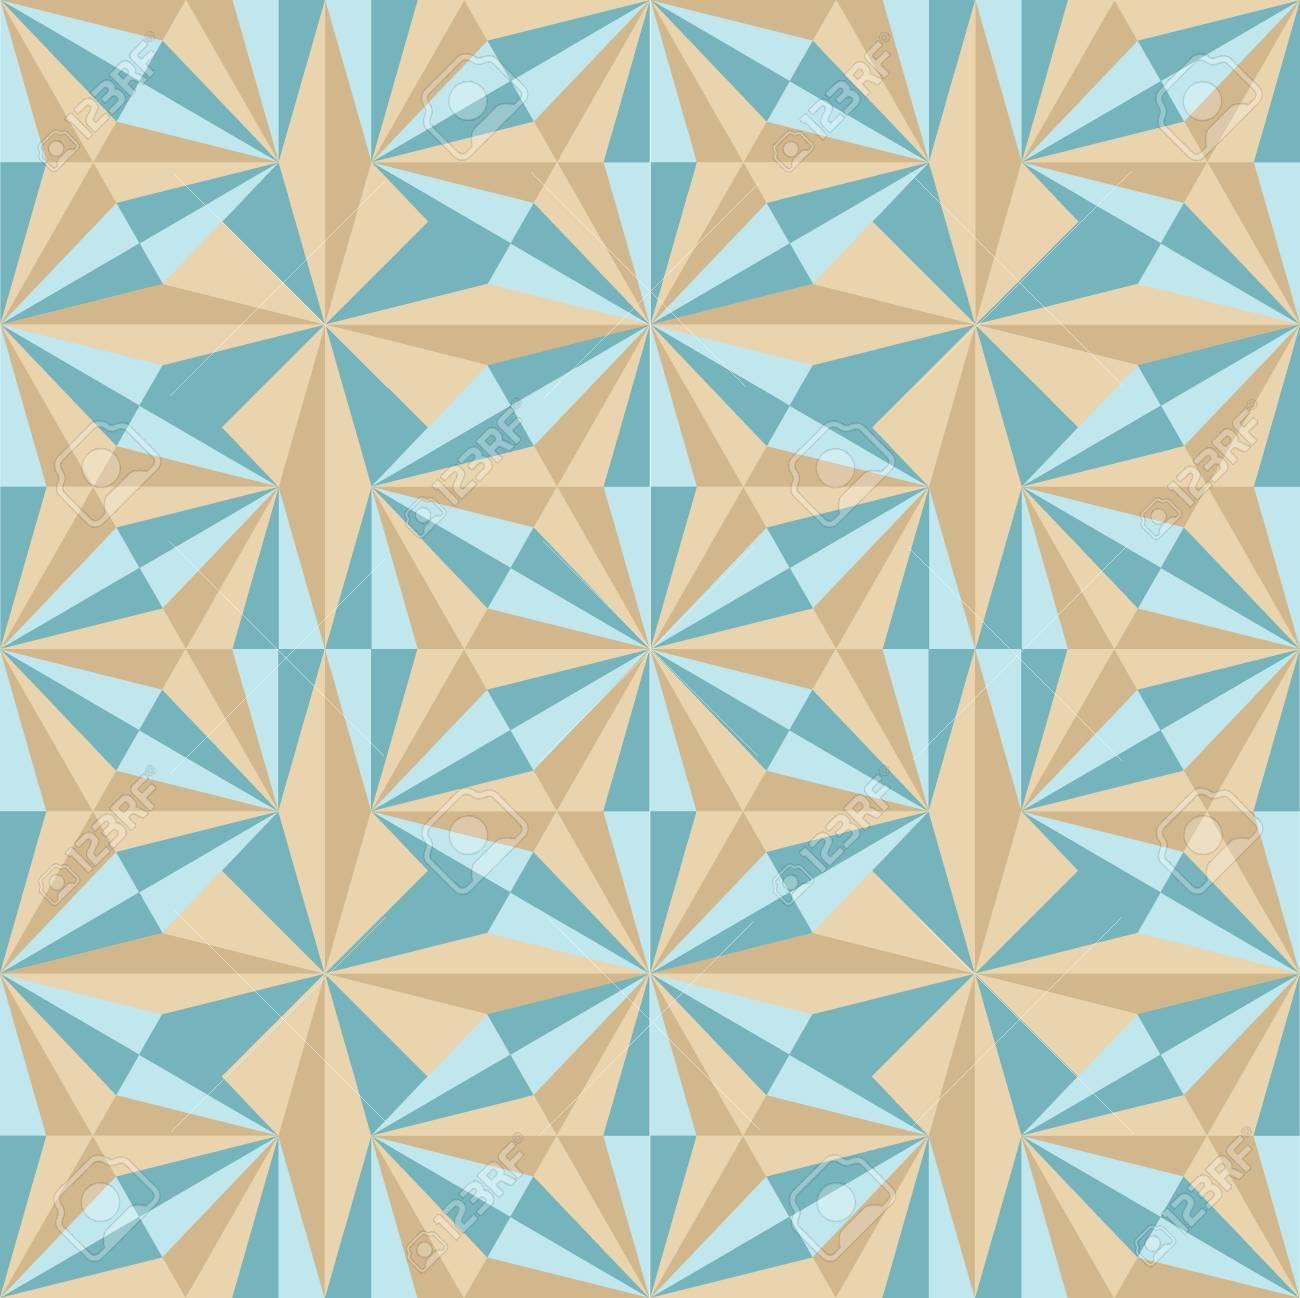 Vintage Retro Ceramic Tile Pattern Set Collection. Antique Retro ...